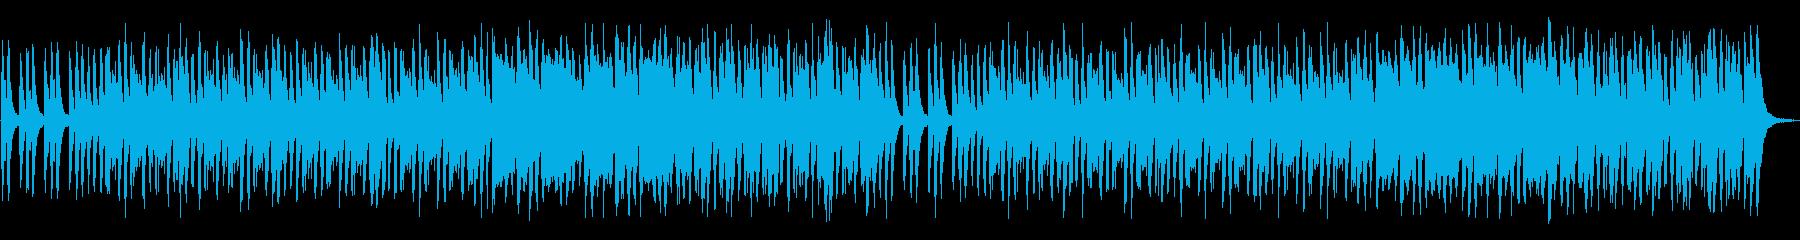 おばけの館のような不思議、奇妙なBGMの再生済みの波形